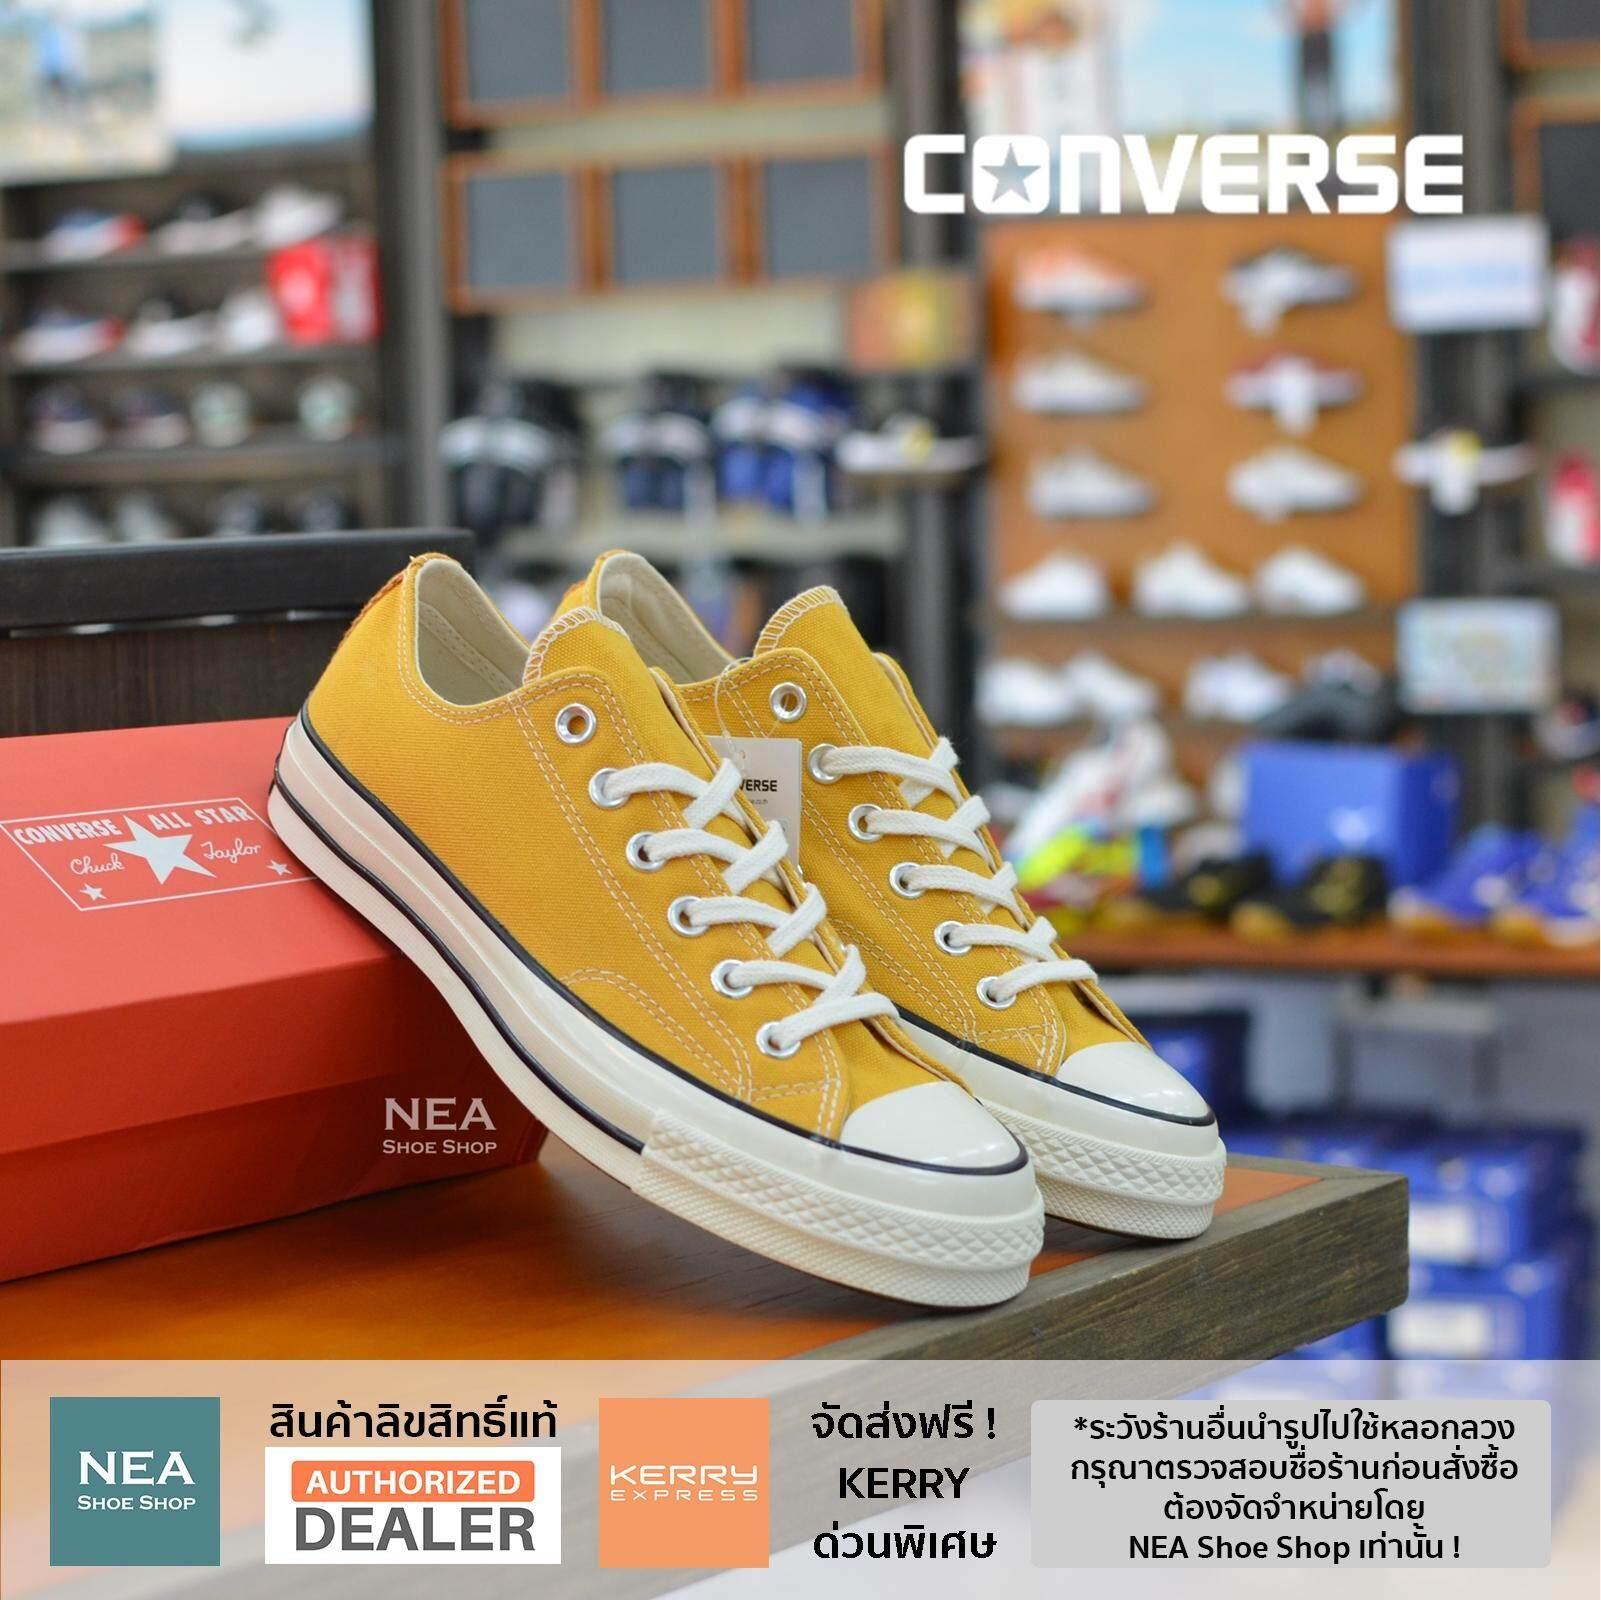 ยี่ห้อนี้ดีไหม  นครพนม [ลิขสิทธิ์แท้] Converse All Star 70 Sunflower Yellow ox (Classic Repro) สีเหลือง รองเท้า คอนเวิร์ส รีโปร 70